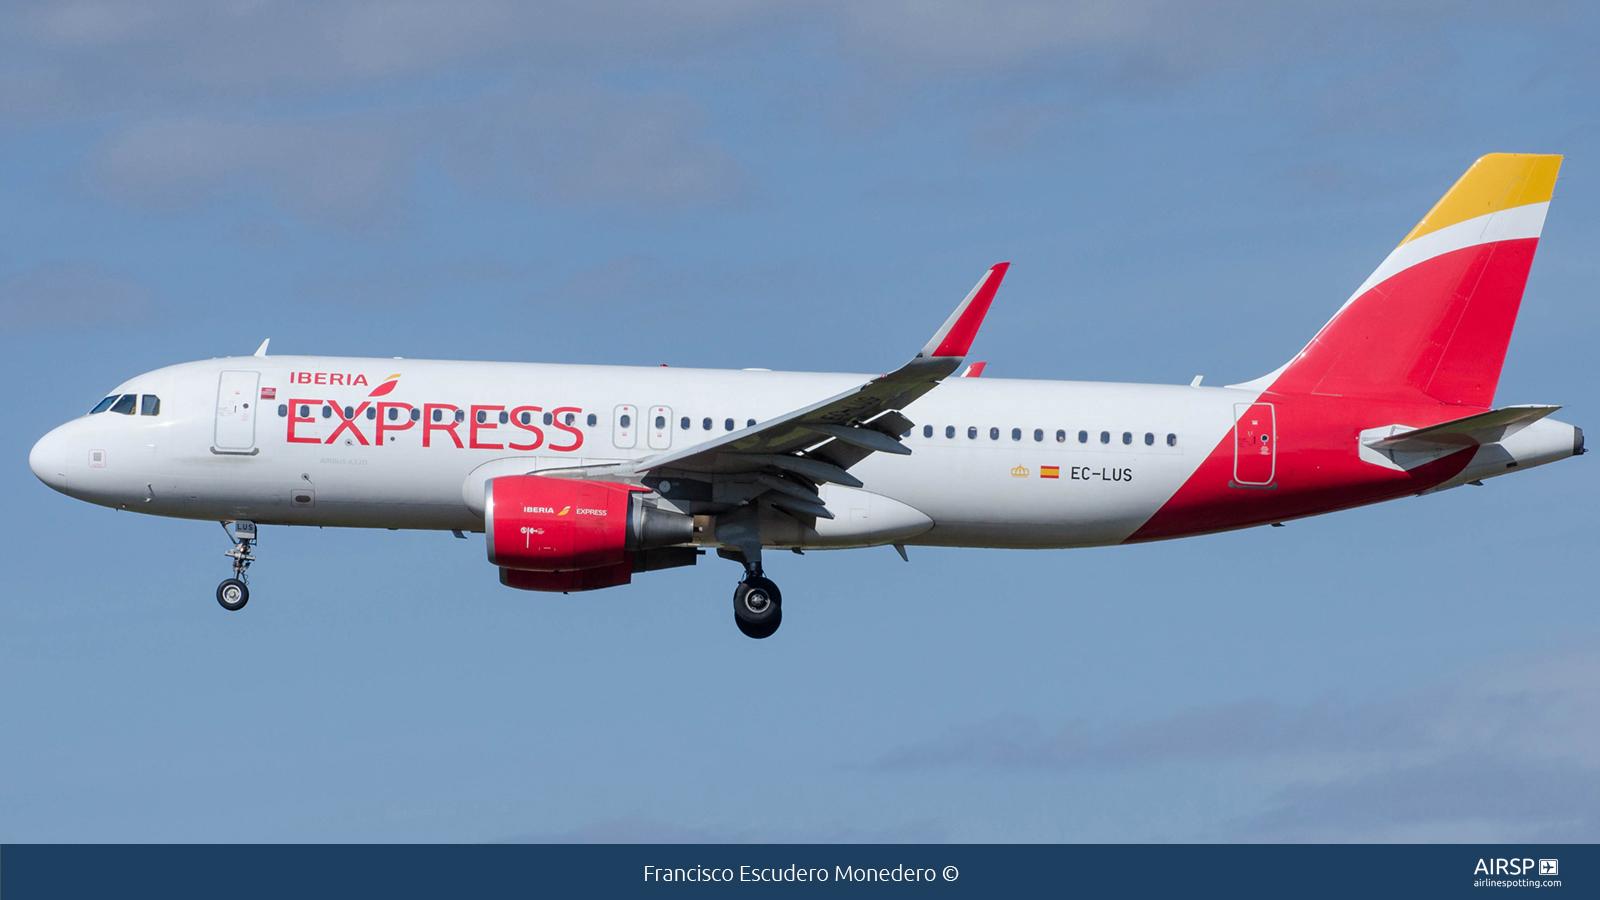 Iberia ExpressAirbus A320EC-LUS